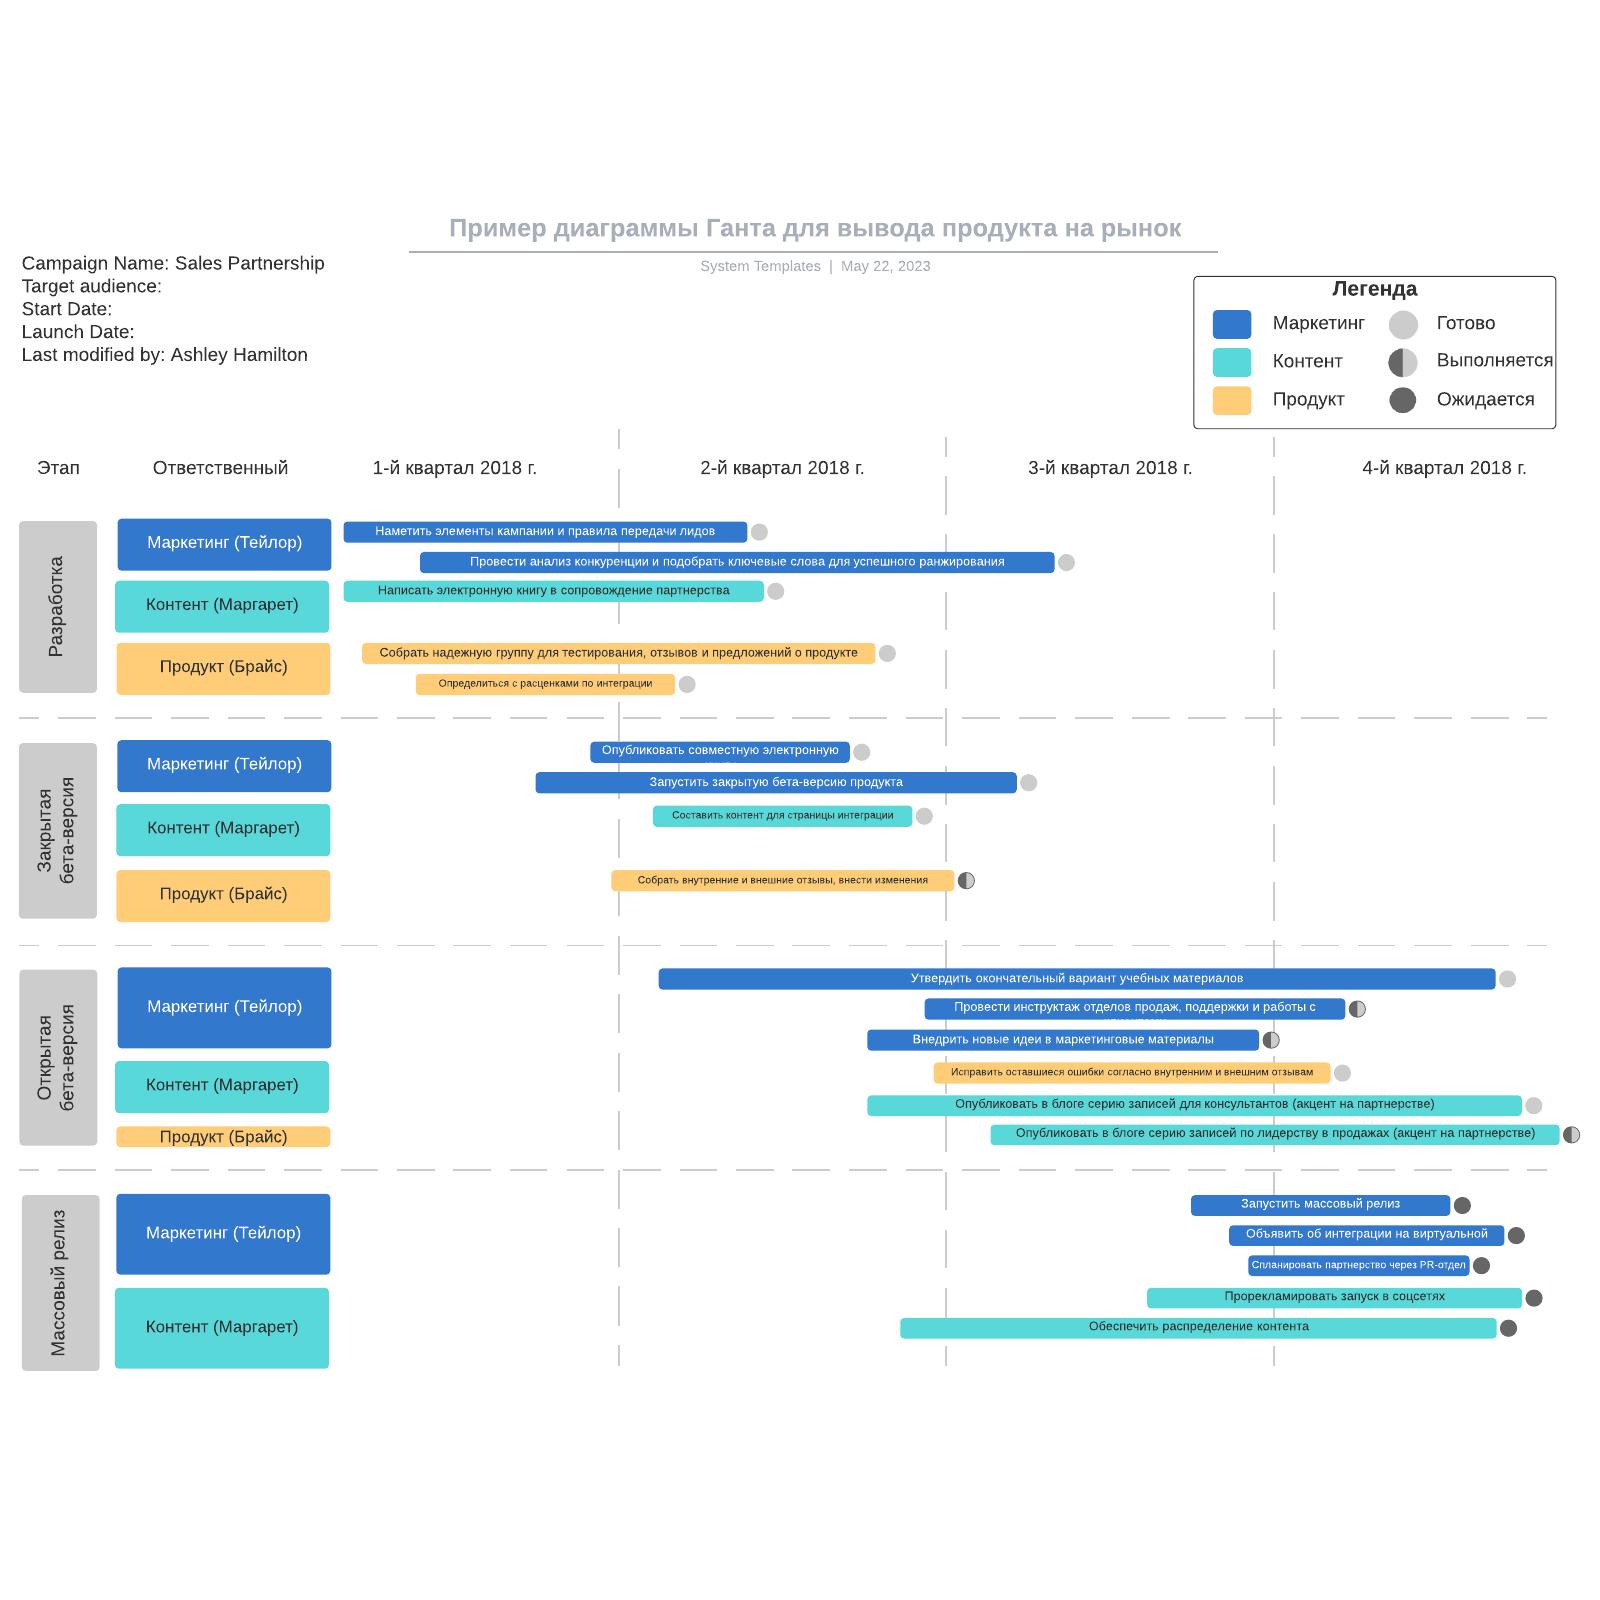 Пример диаграммы Ганта для вывода продукта на рынок